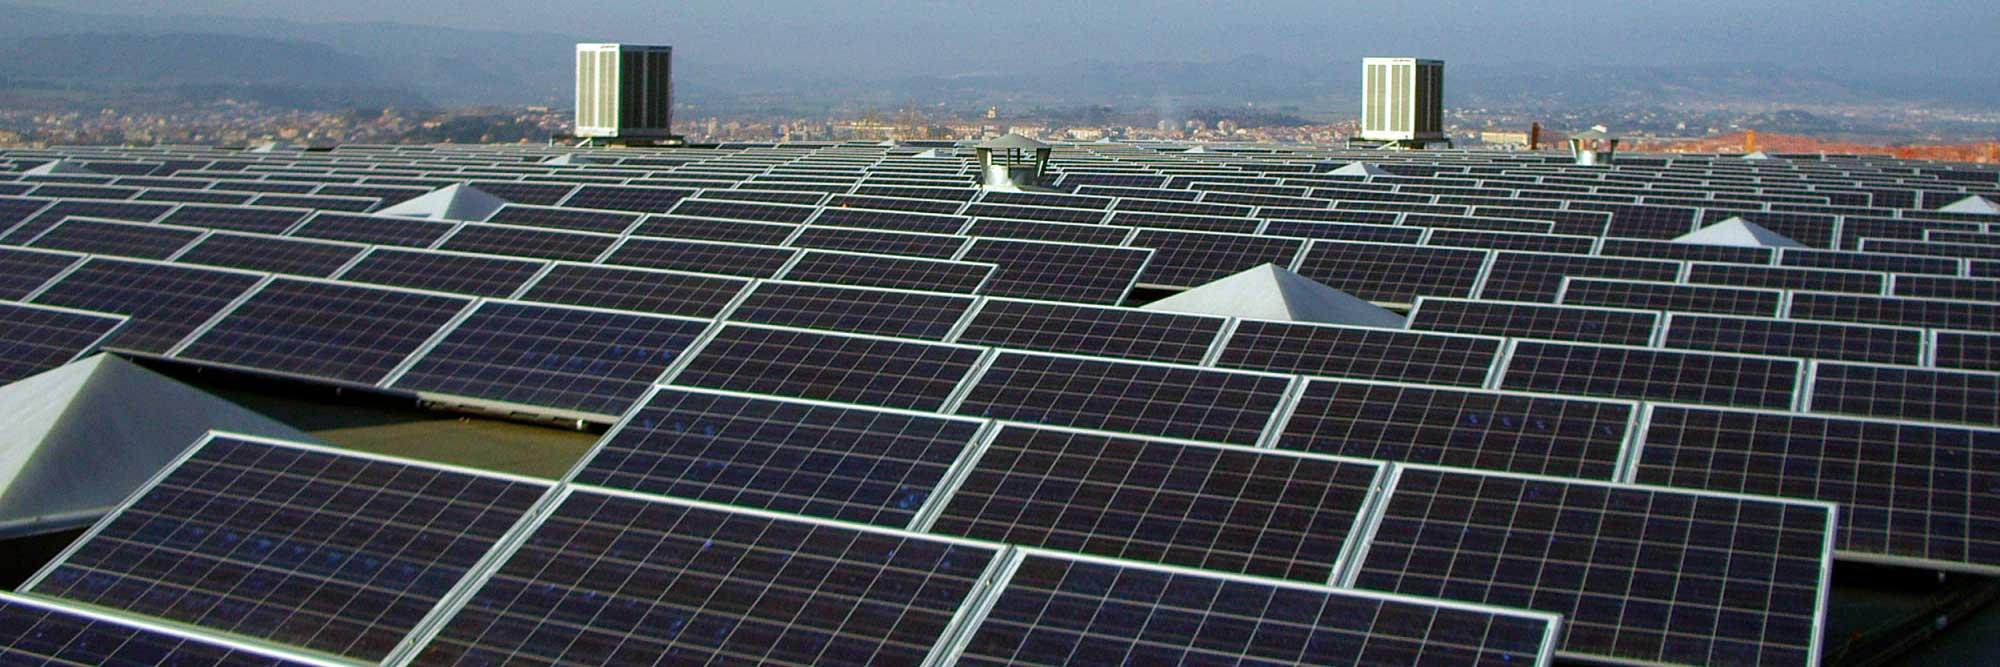 Autoconsum Fotovoltaic